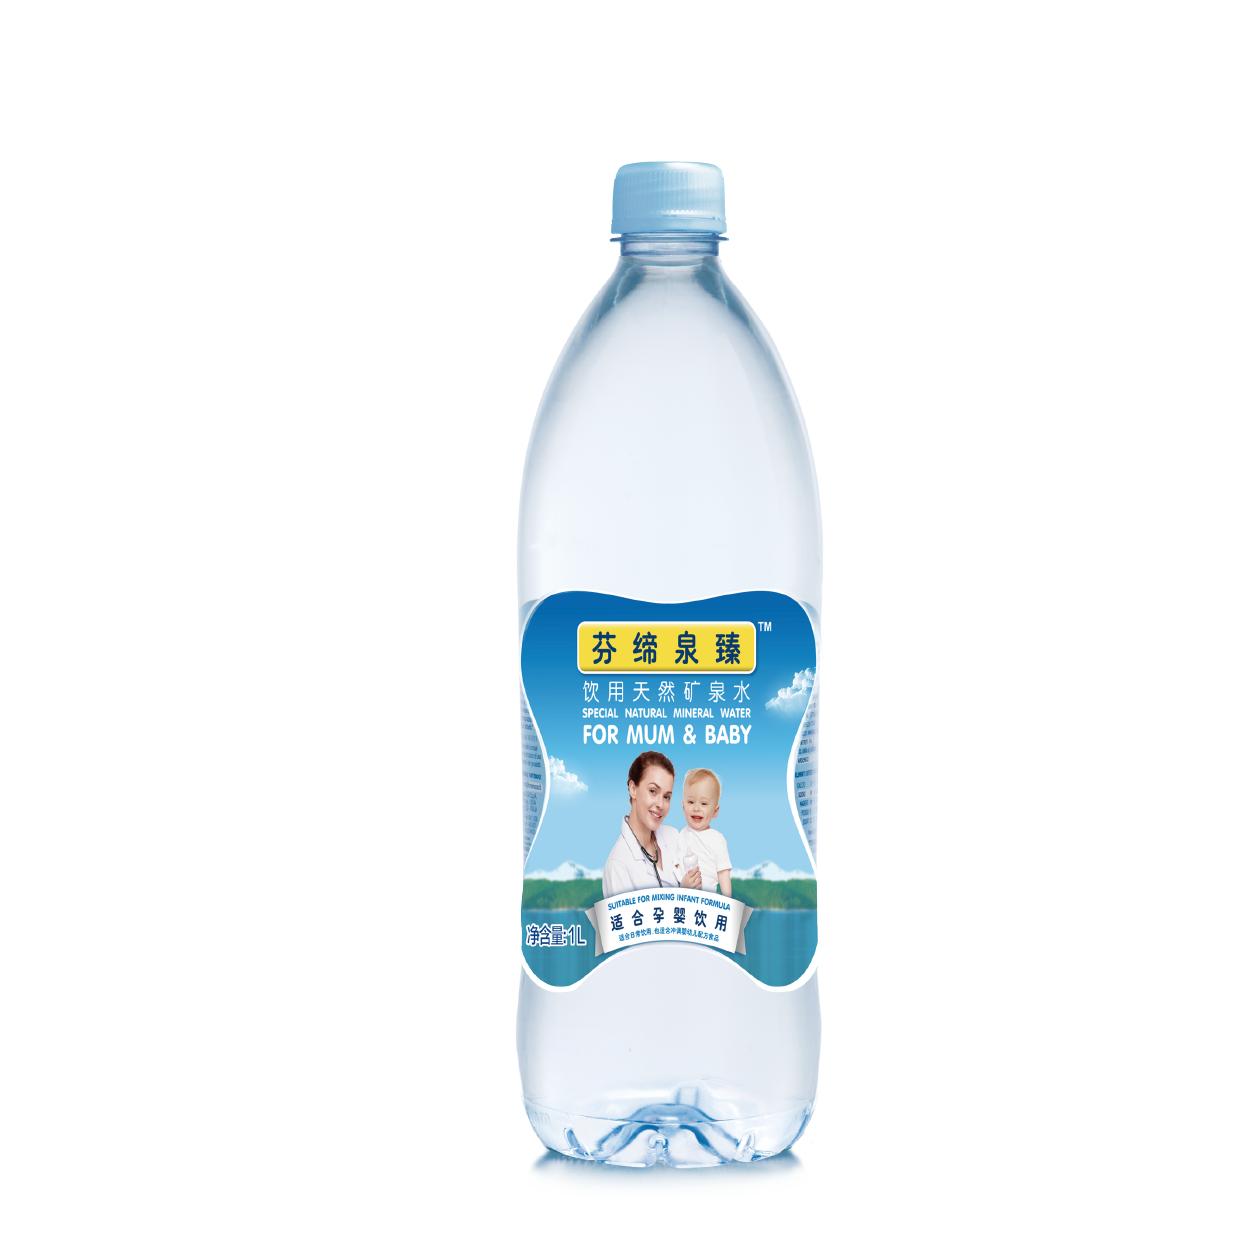 上海乐挚进出口有限公司